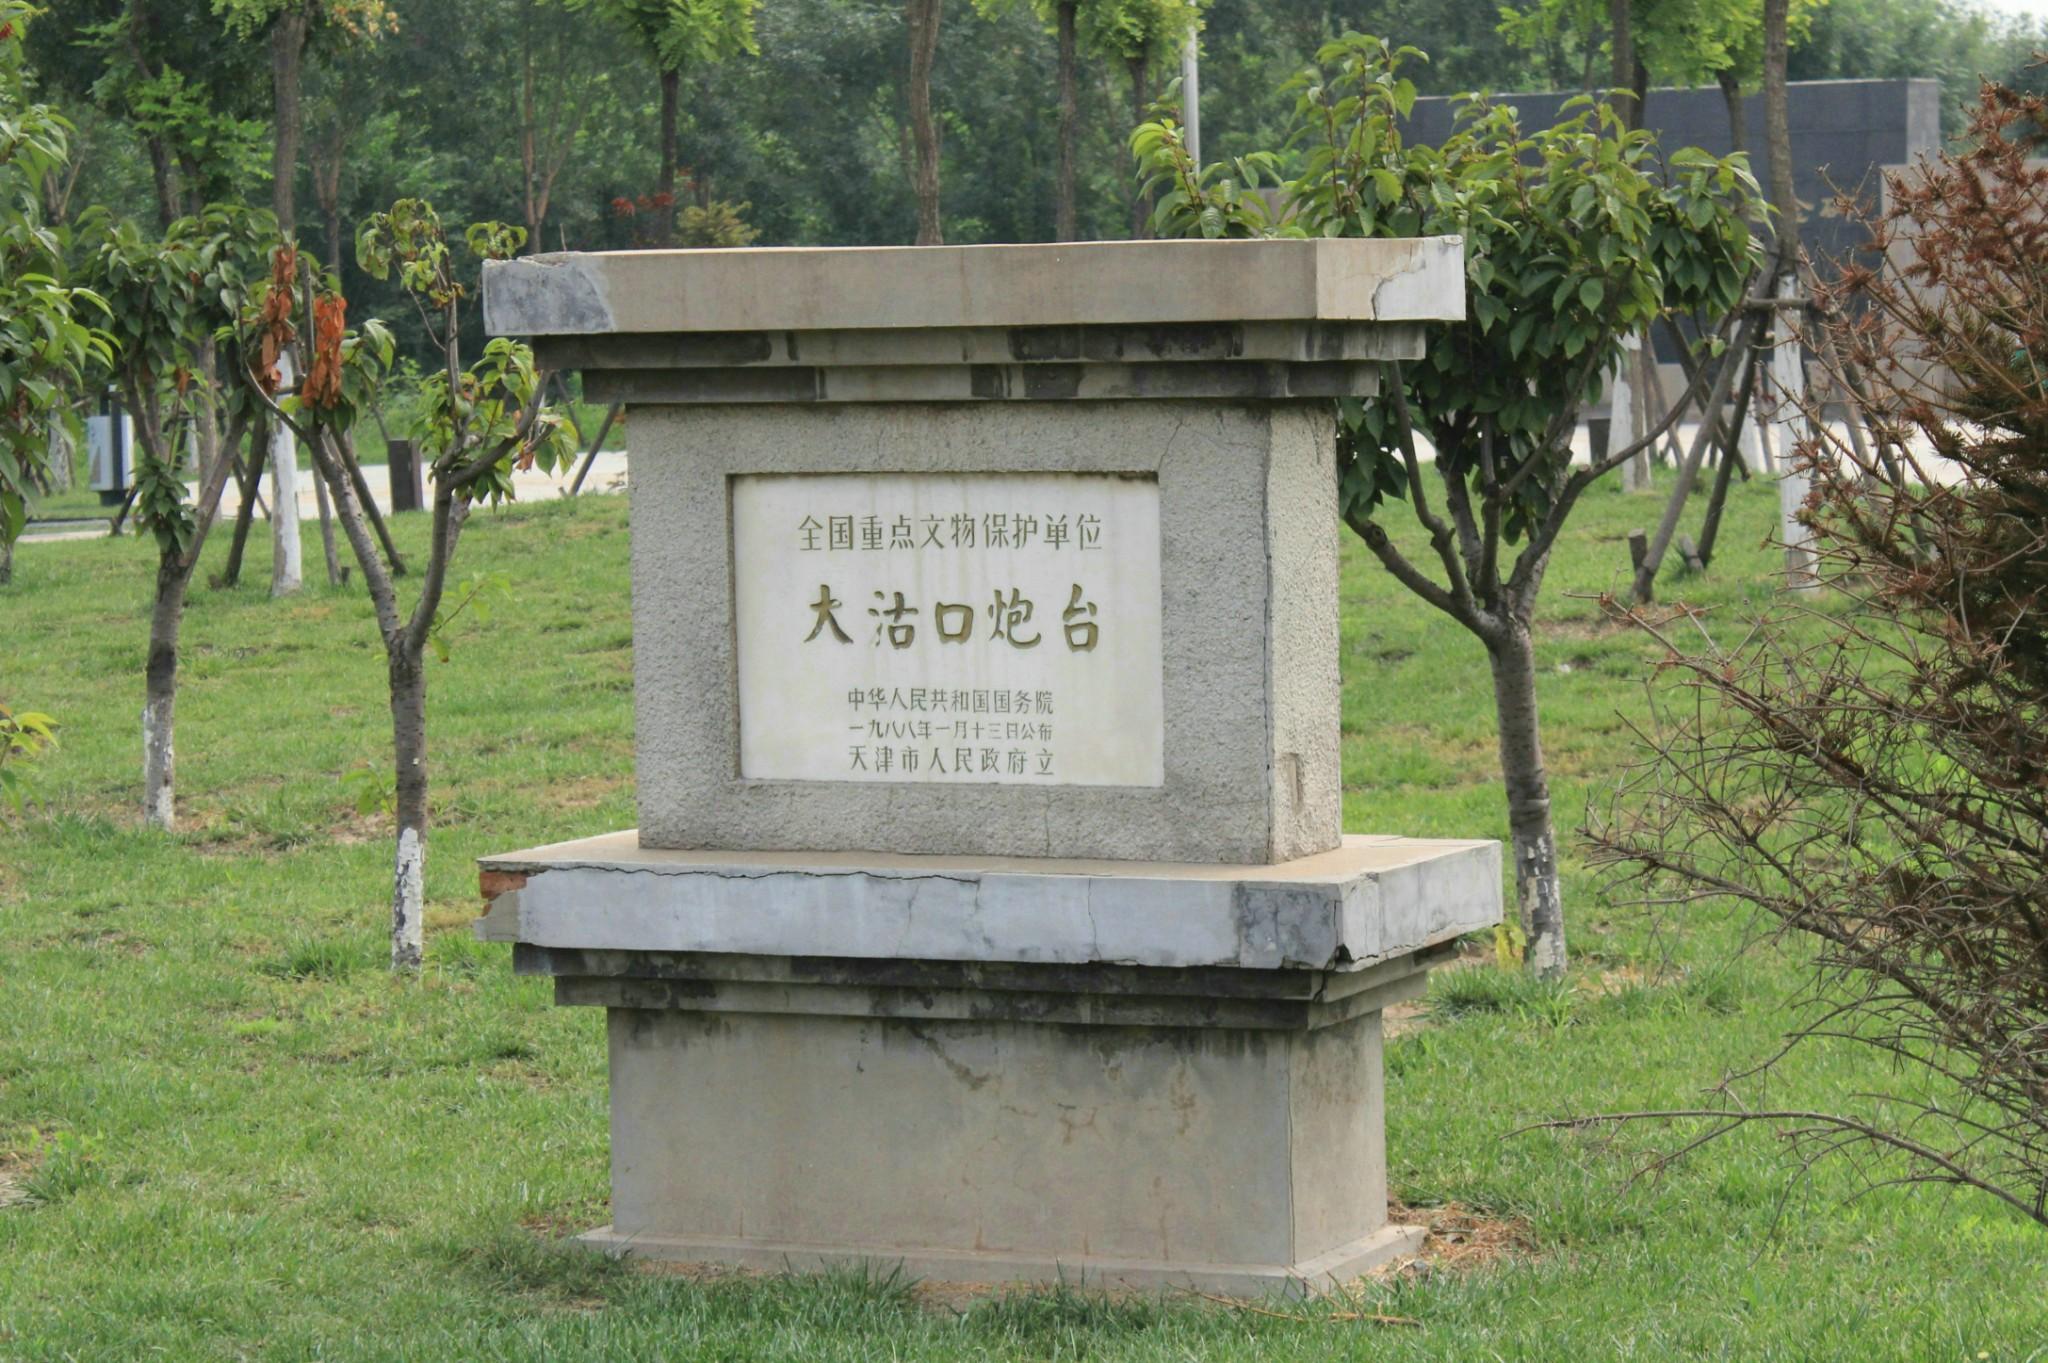 大沽口炮台遗址博物馆